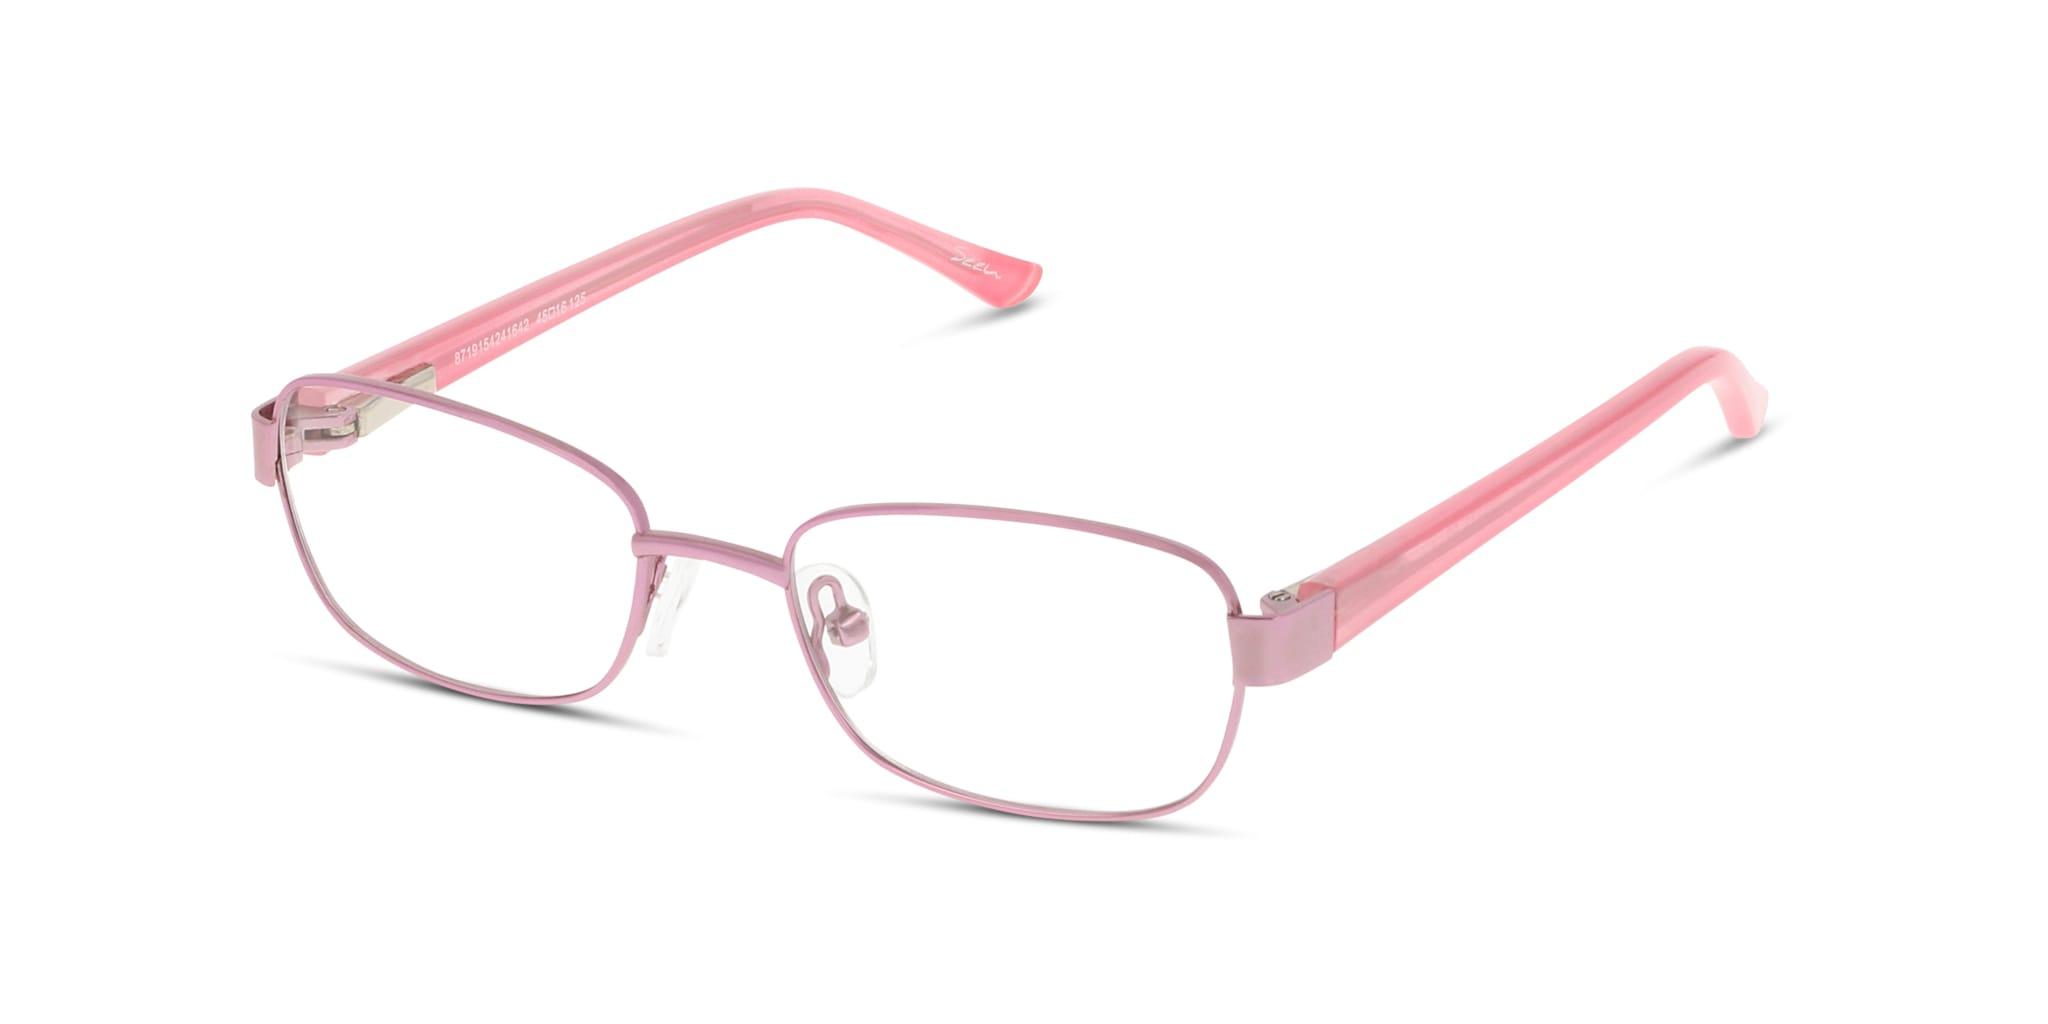 8719154230059-angle-01-seen-snfk12-eyewear-pink-pink